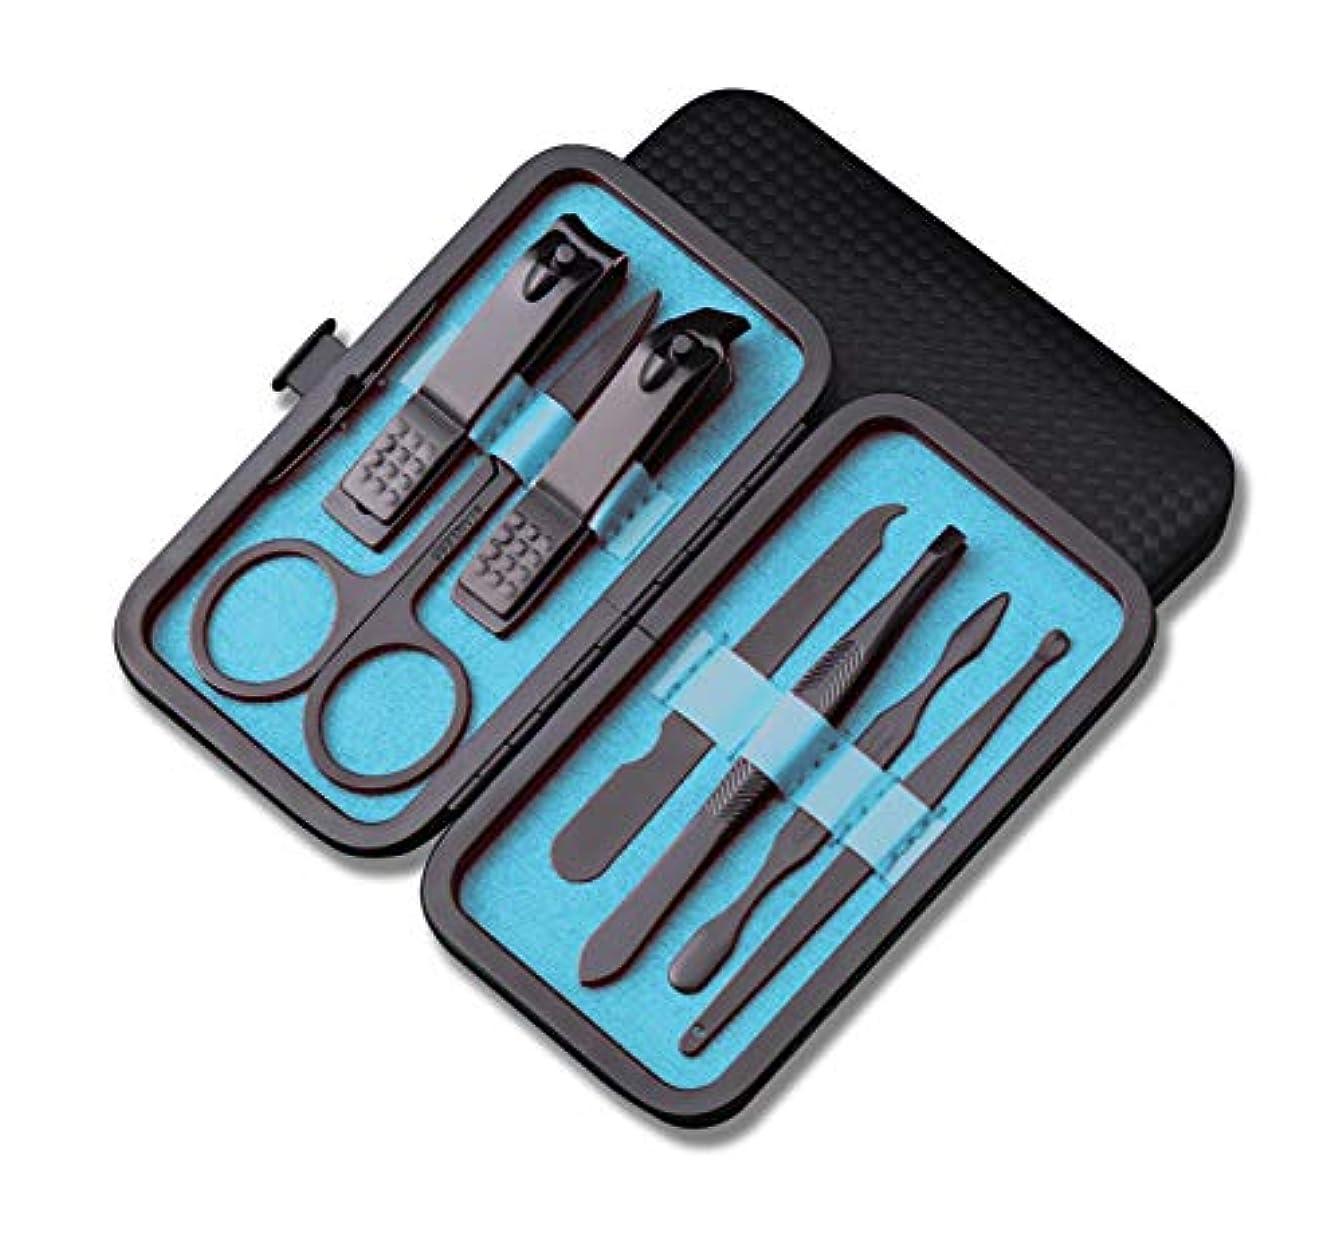 メタルライン芸術戦う爪切り, 爪切りセット, 7点セット, 高級のステンレスの爪切り, 手足の爪の看護が通用します, 携帯 収 納ケース, 男女兼用